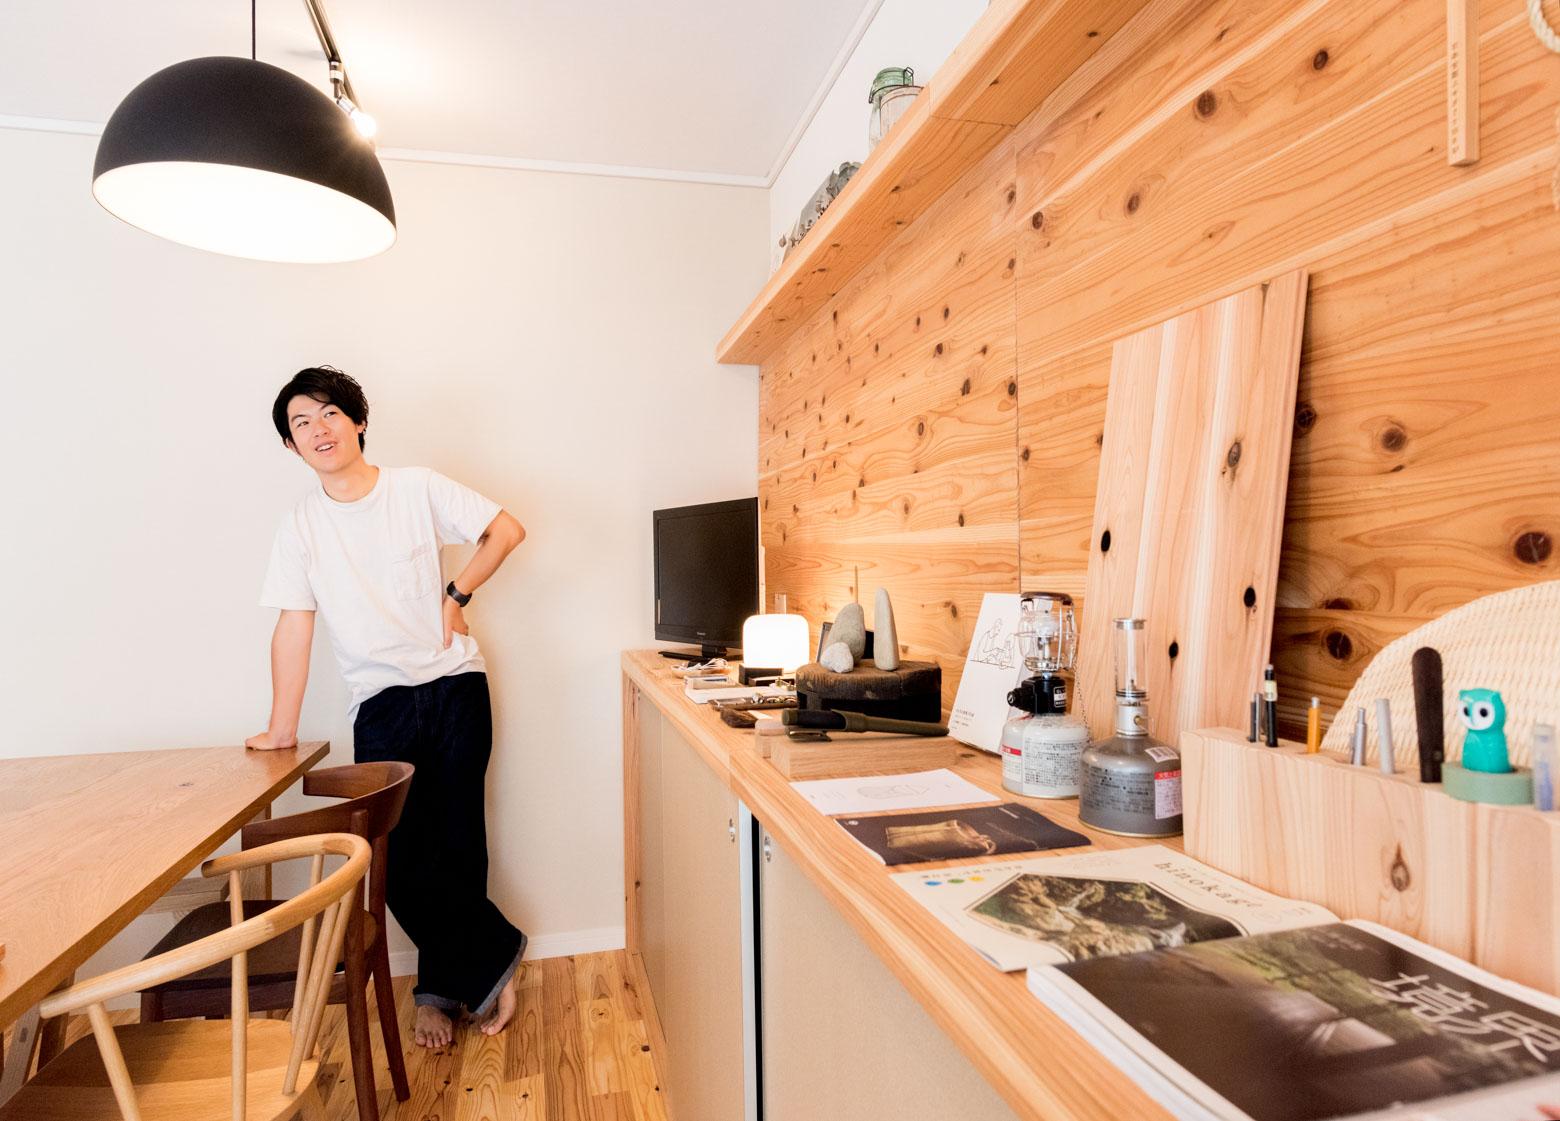 まるでギャラリーのように気になるものが陳列された棚。そのひとつに杉の板がある。この板を使って杉の魅力を説明してくれた。すごい。ここはほんとうに個人宅か